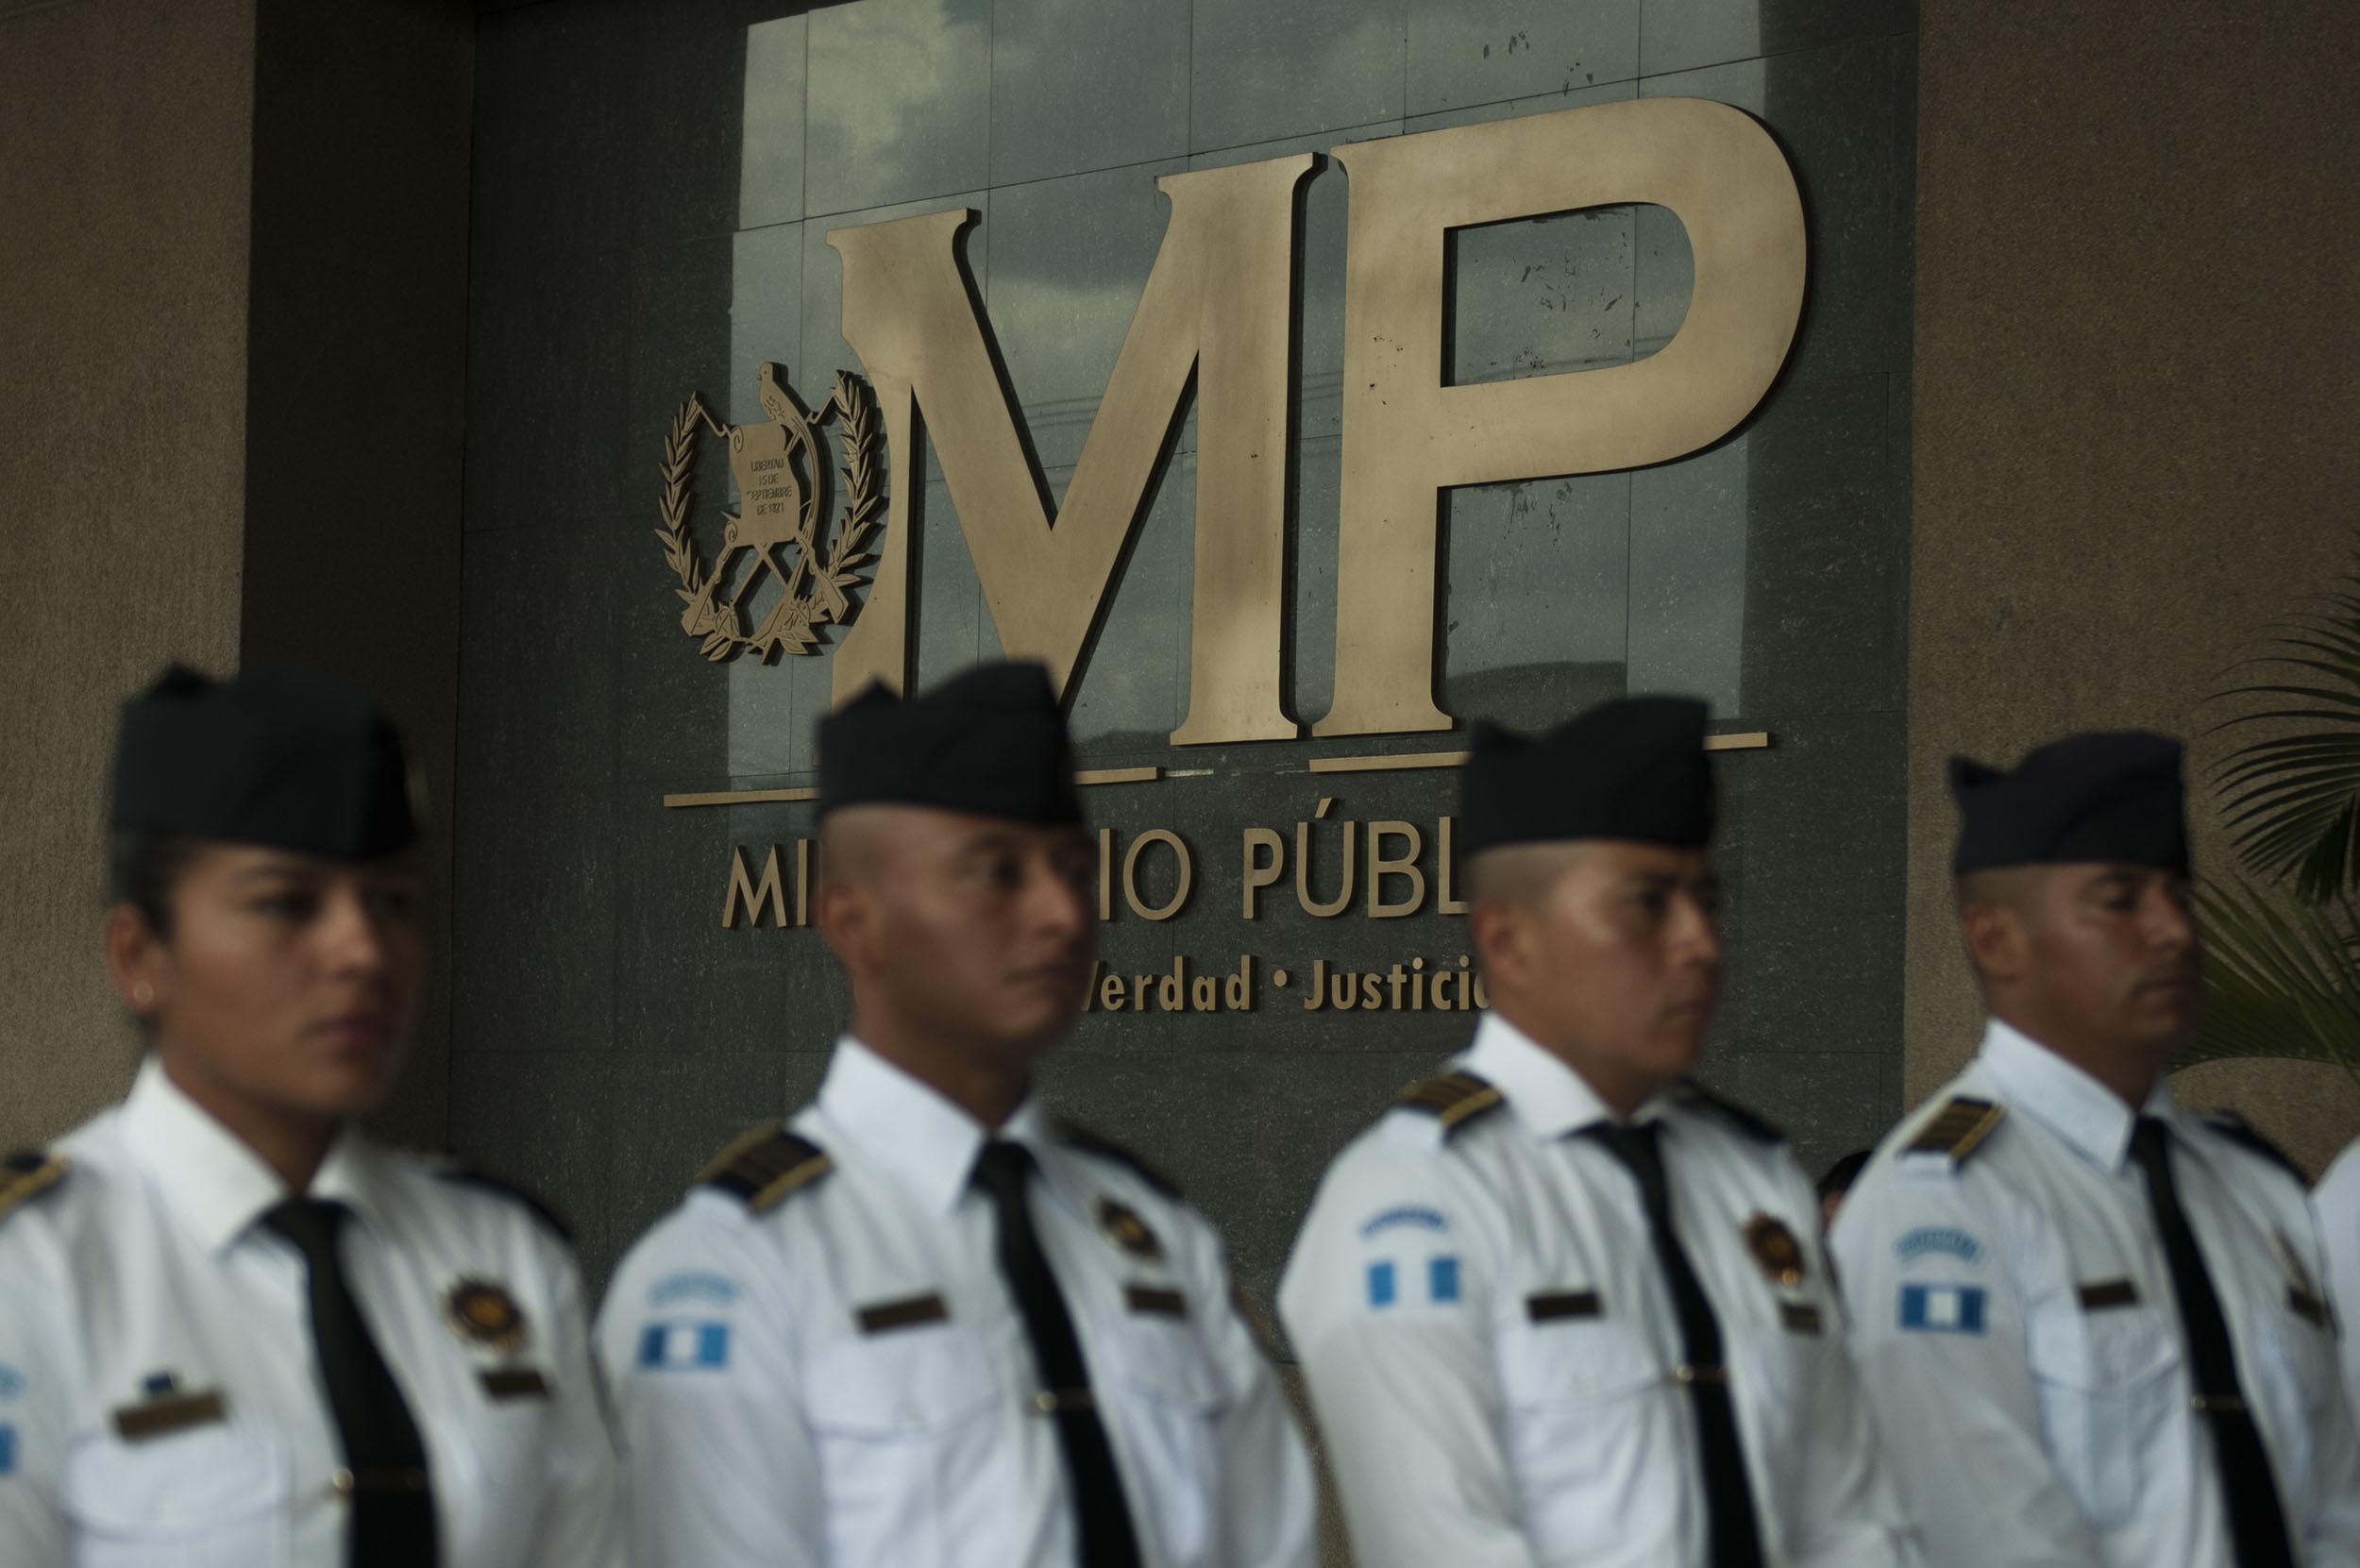 Agentes de seguridad del MP hacen una valla en el ingreso principal del edificio.